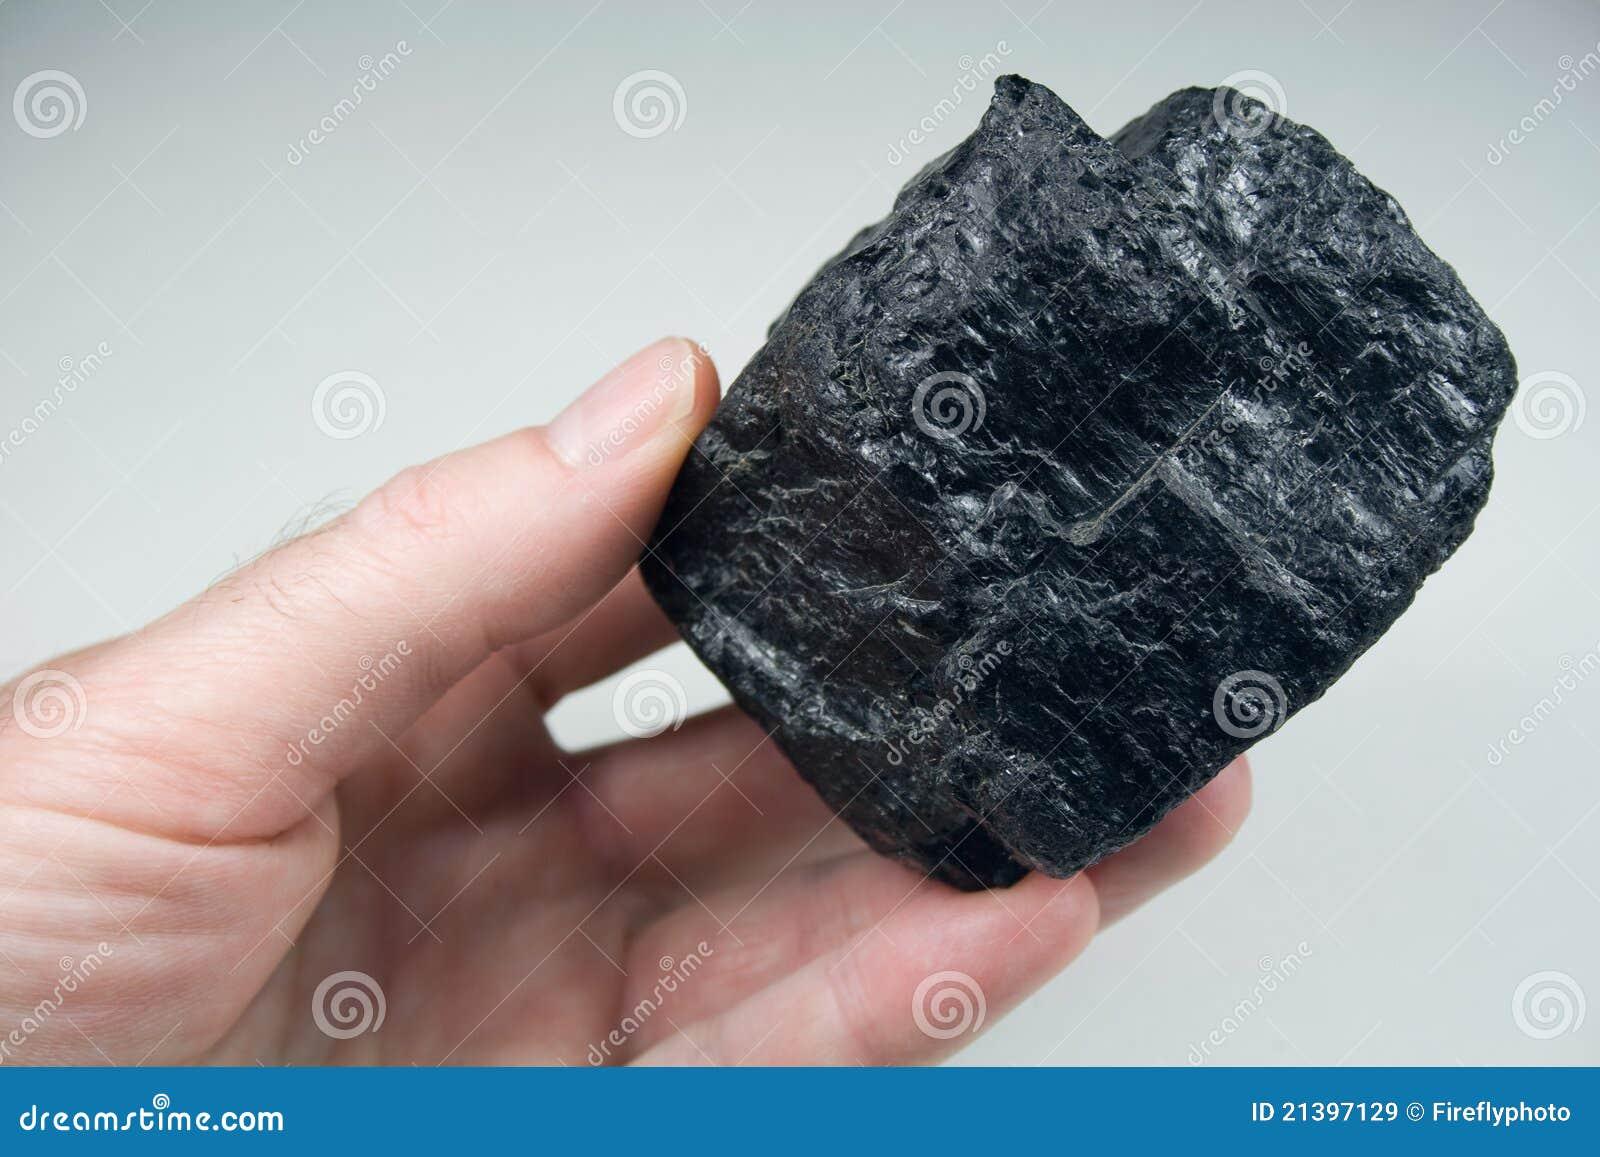 Lump of Raw Coal in Hand